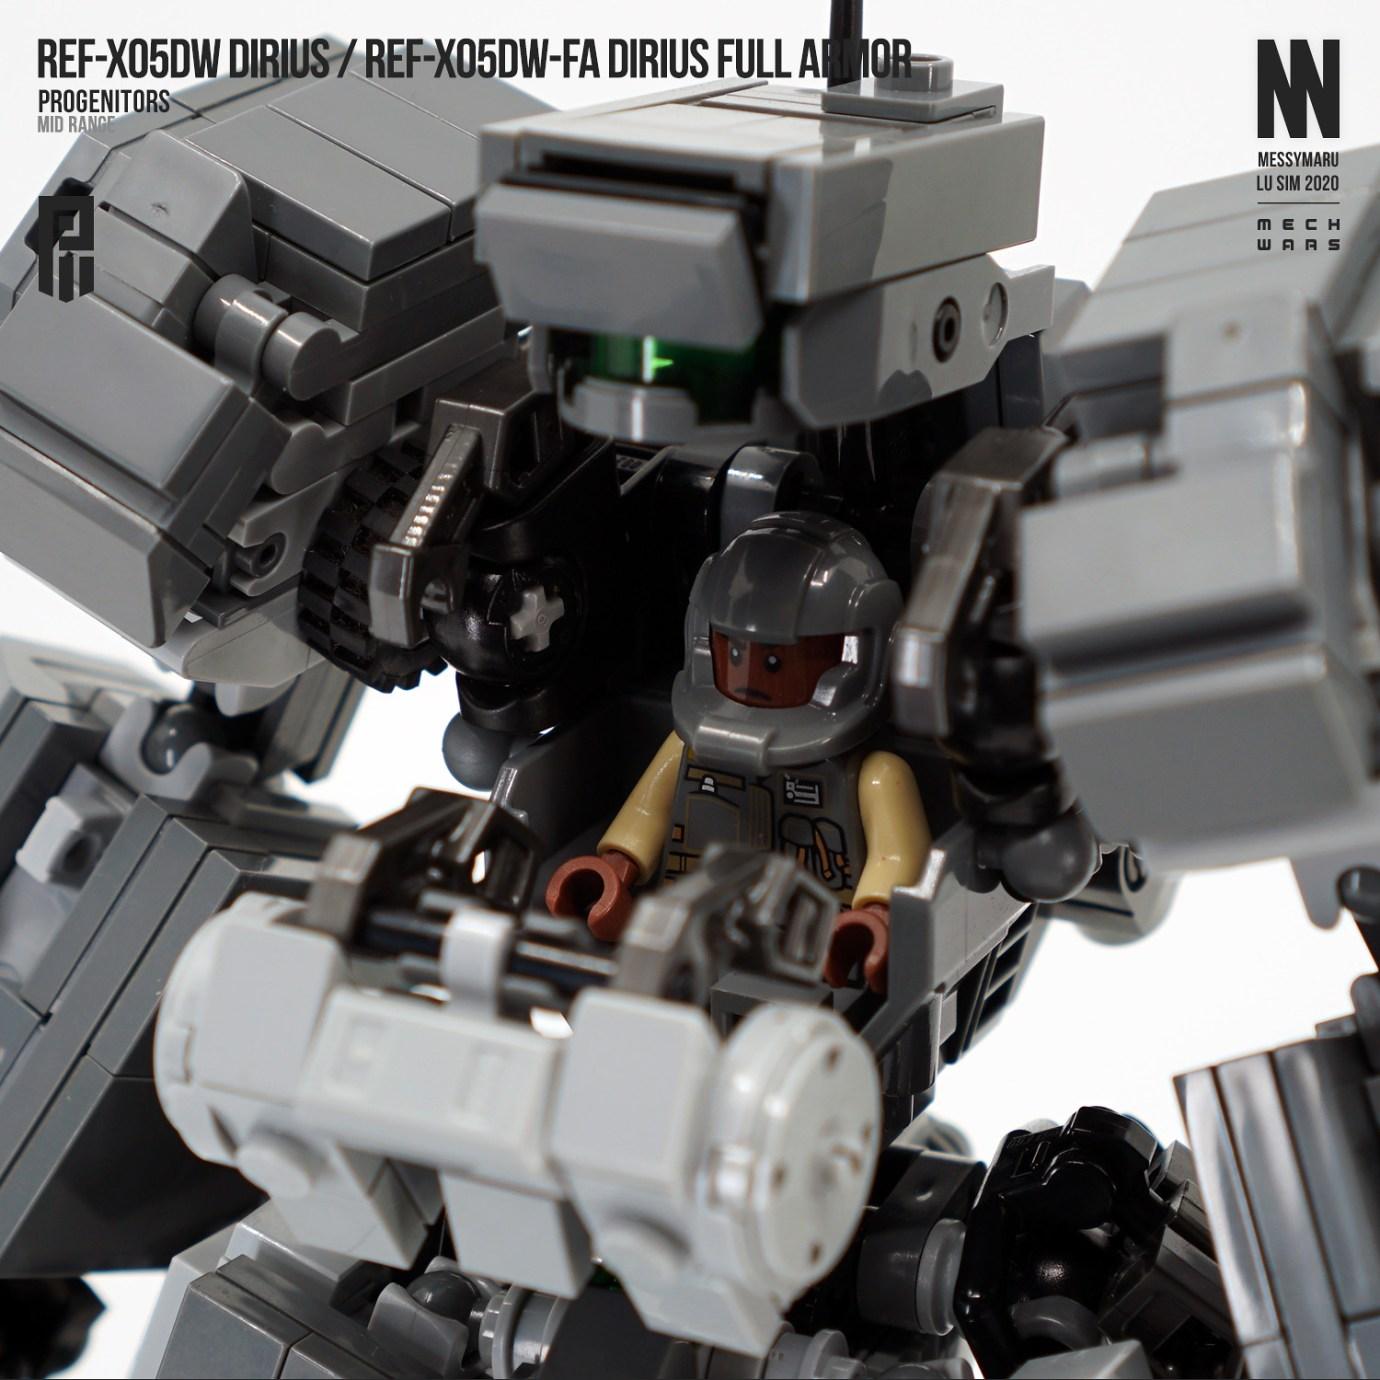 reF-X05DW Dirius / reF-X05DW-FA Dirius Full Armor